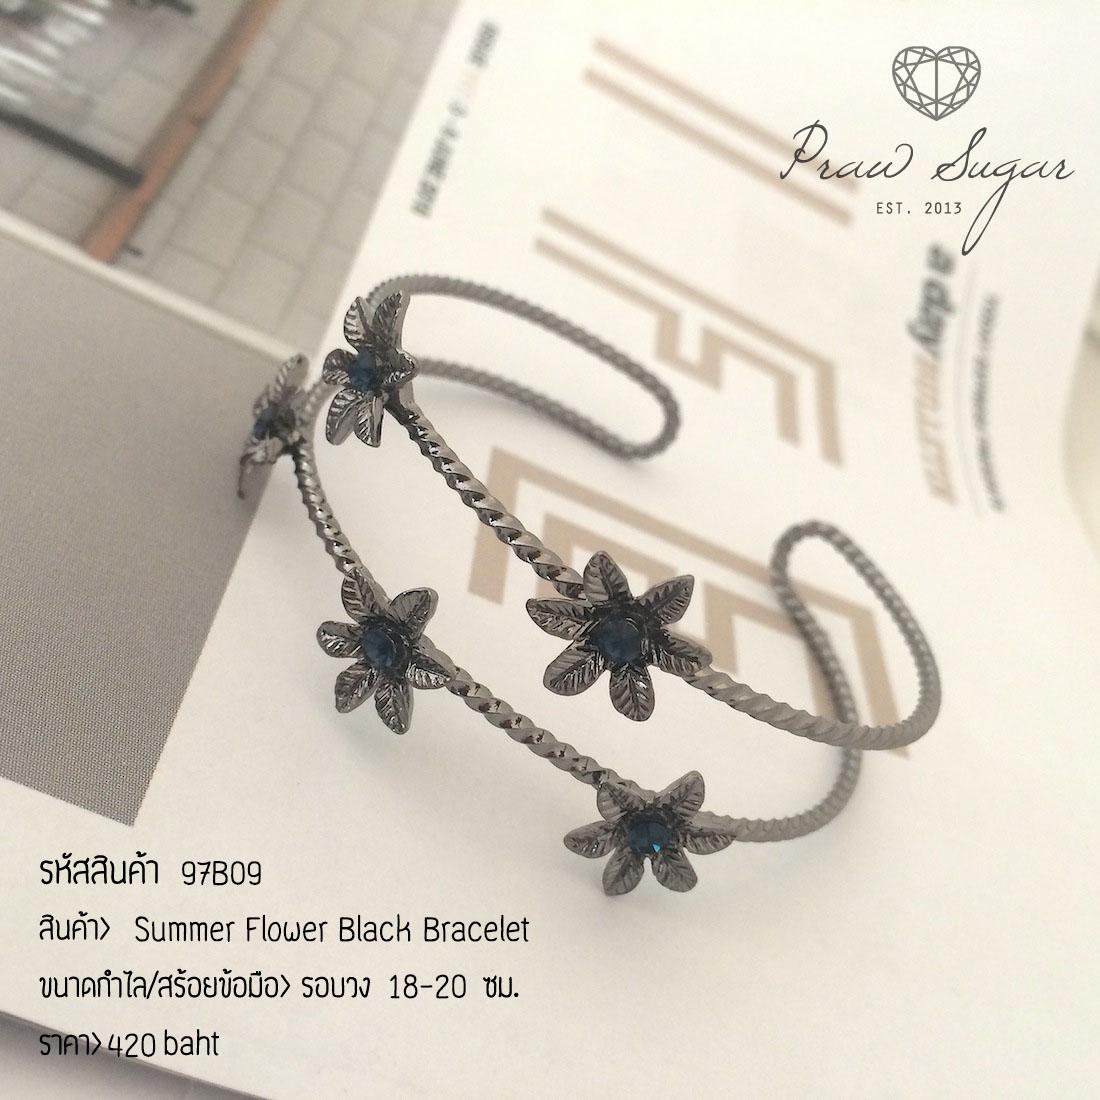 Summer Flower Black Bracelet